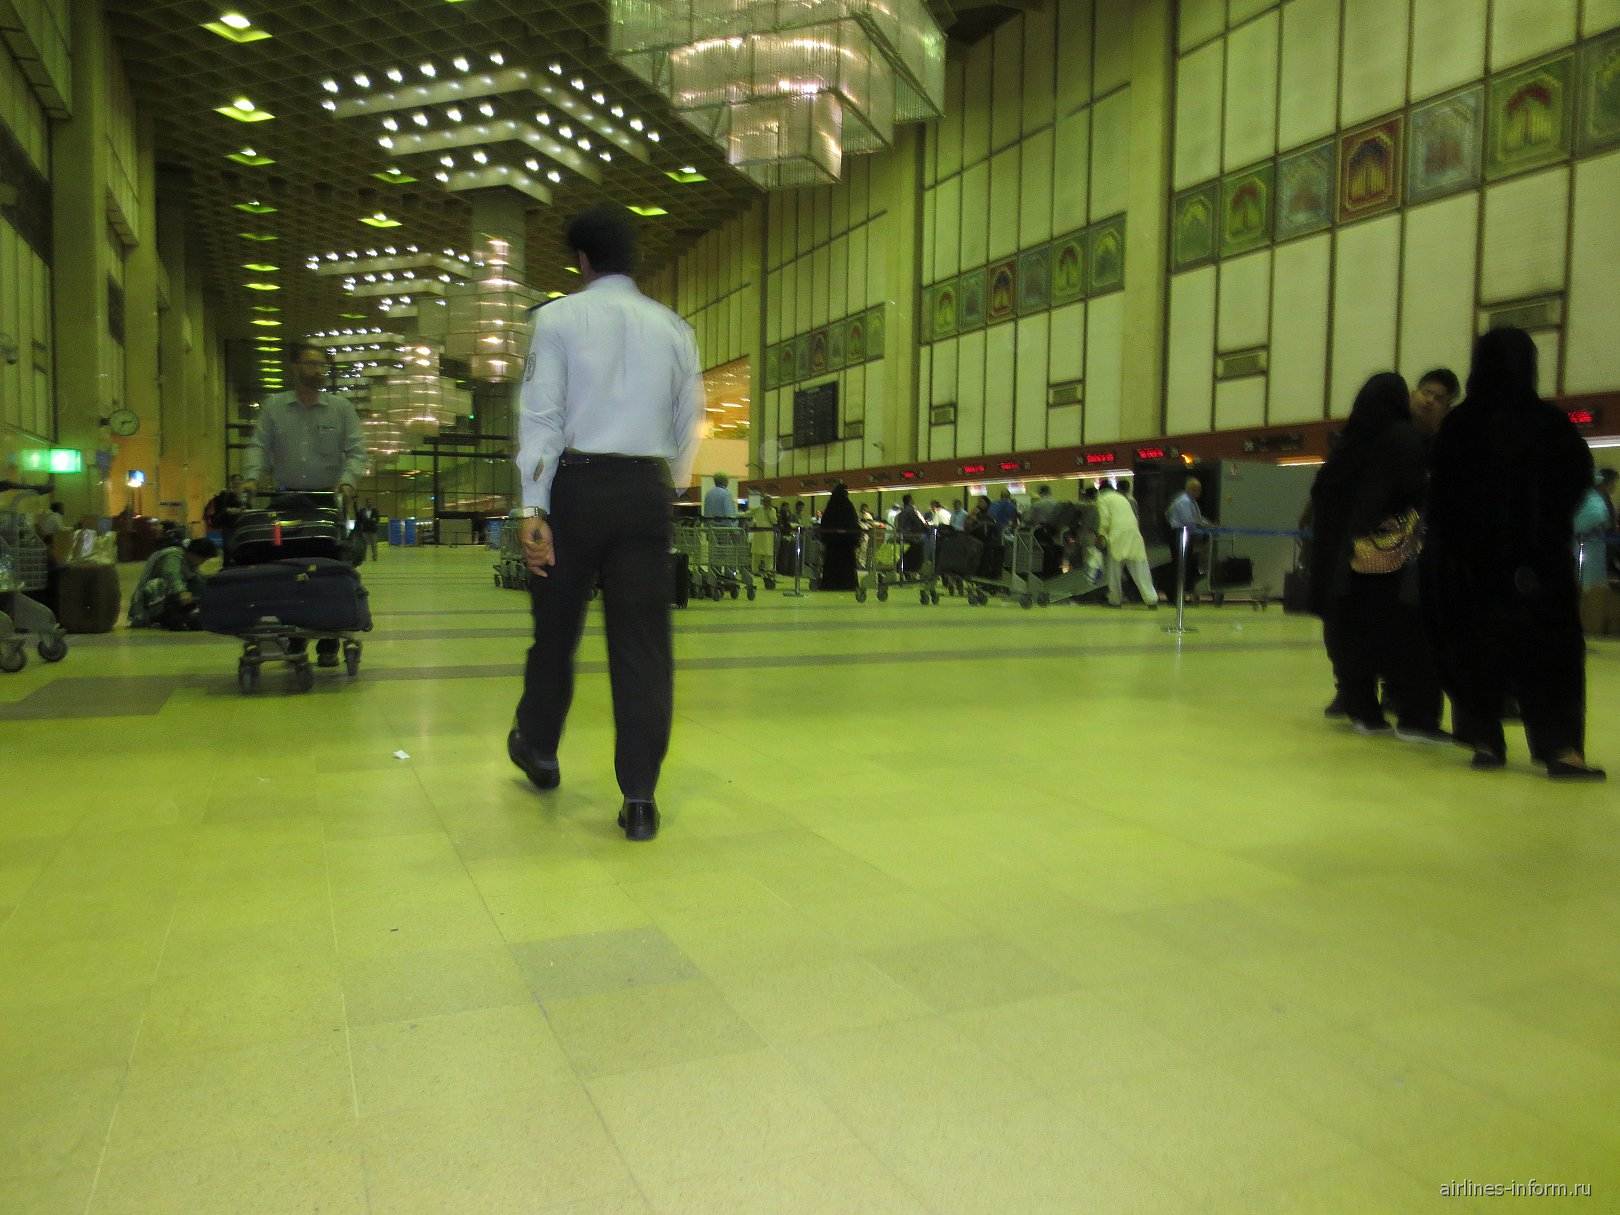 В аэропорту Карачи